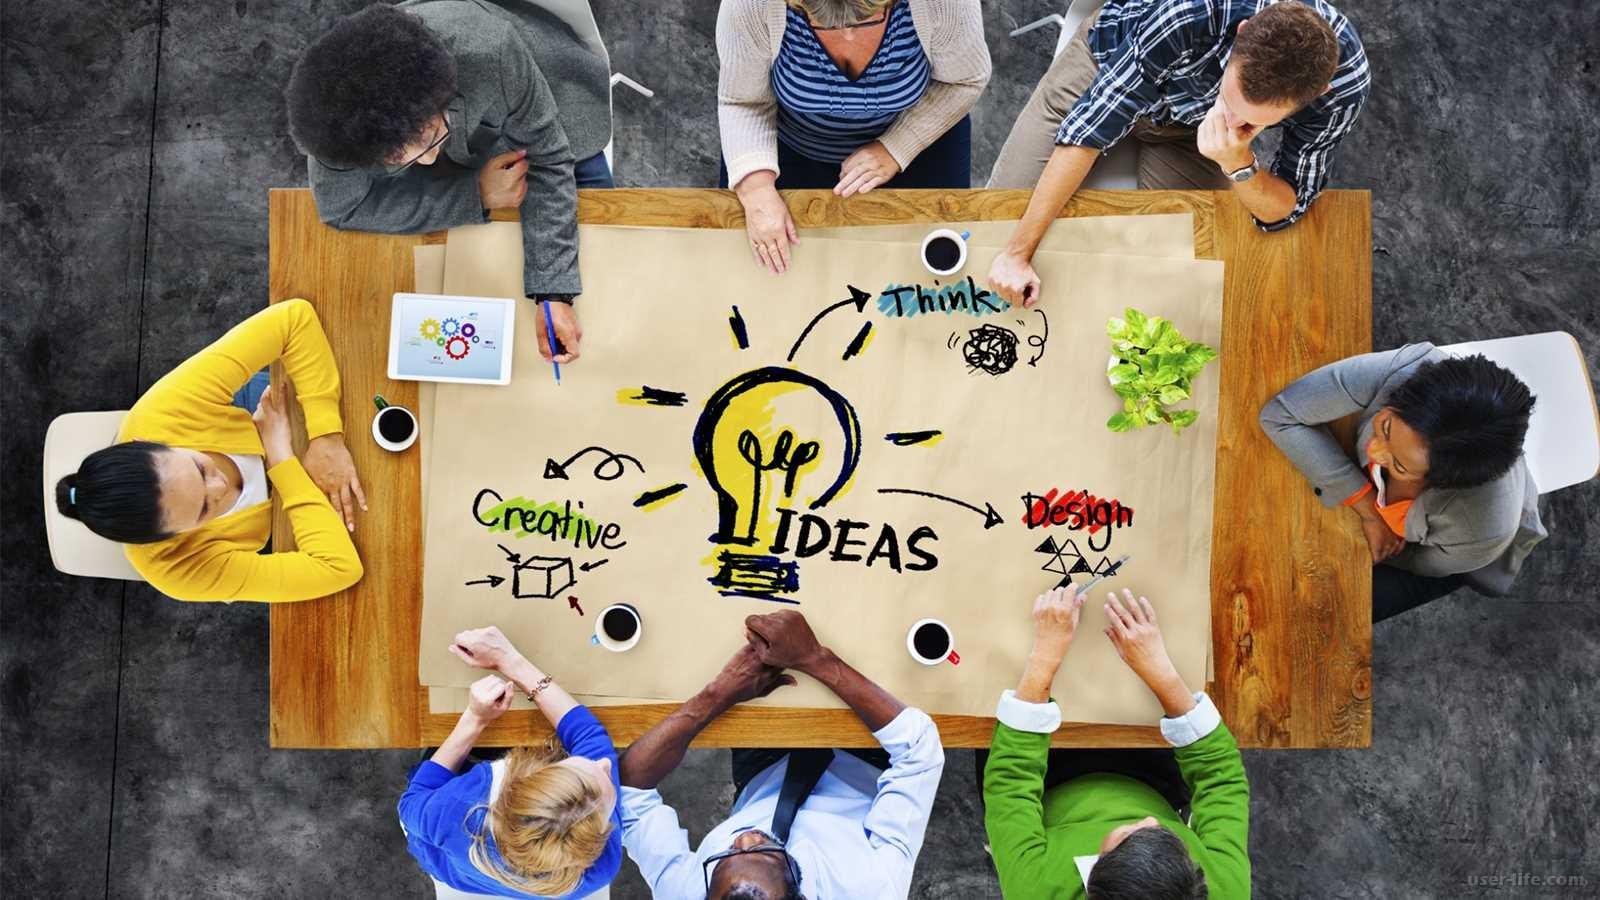 Новые идеи малого бизнеса 2018 2019 самые с минимальными вложениями (в мире  России Европе) 866b0efb153